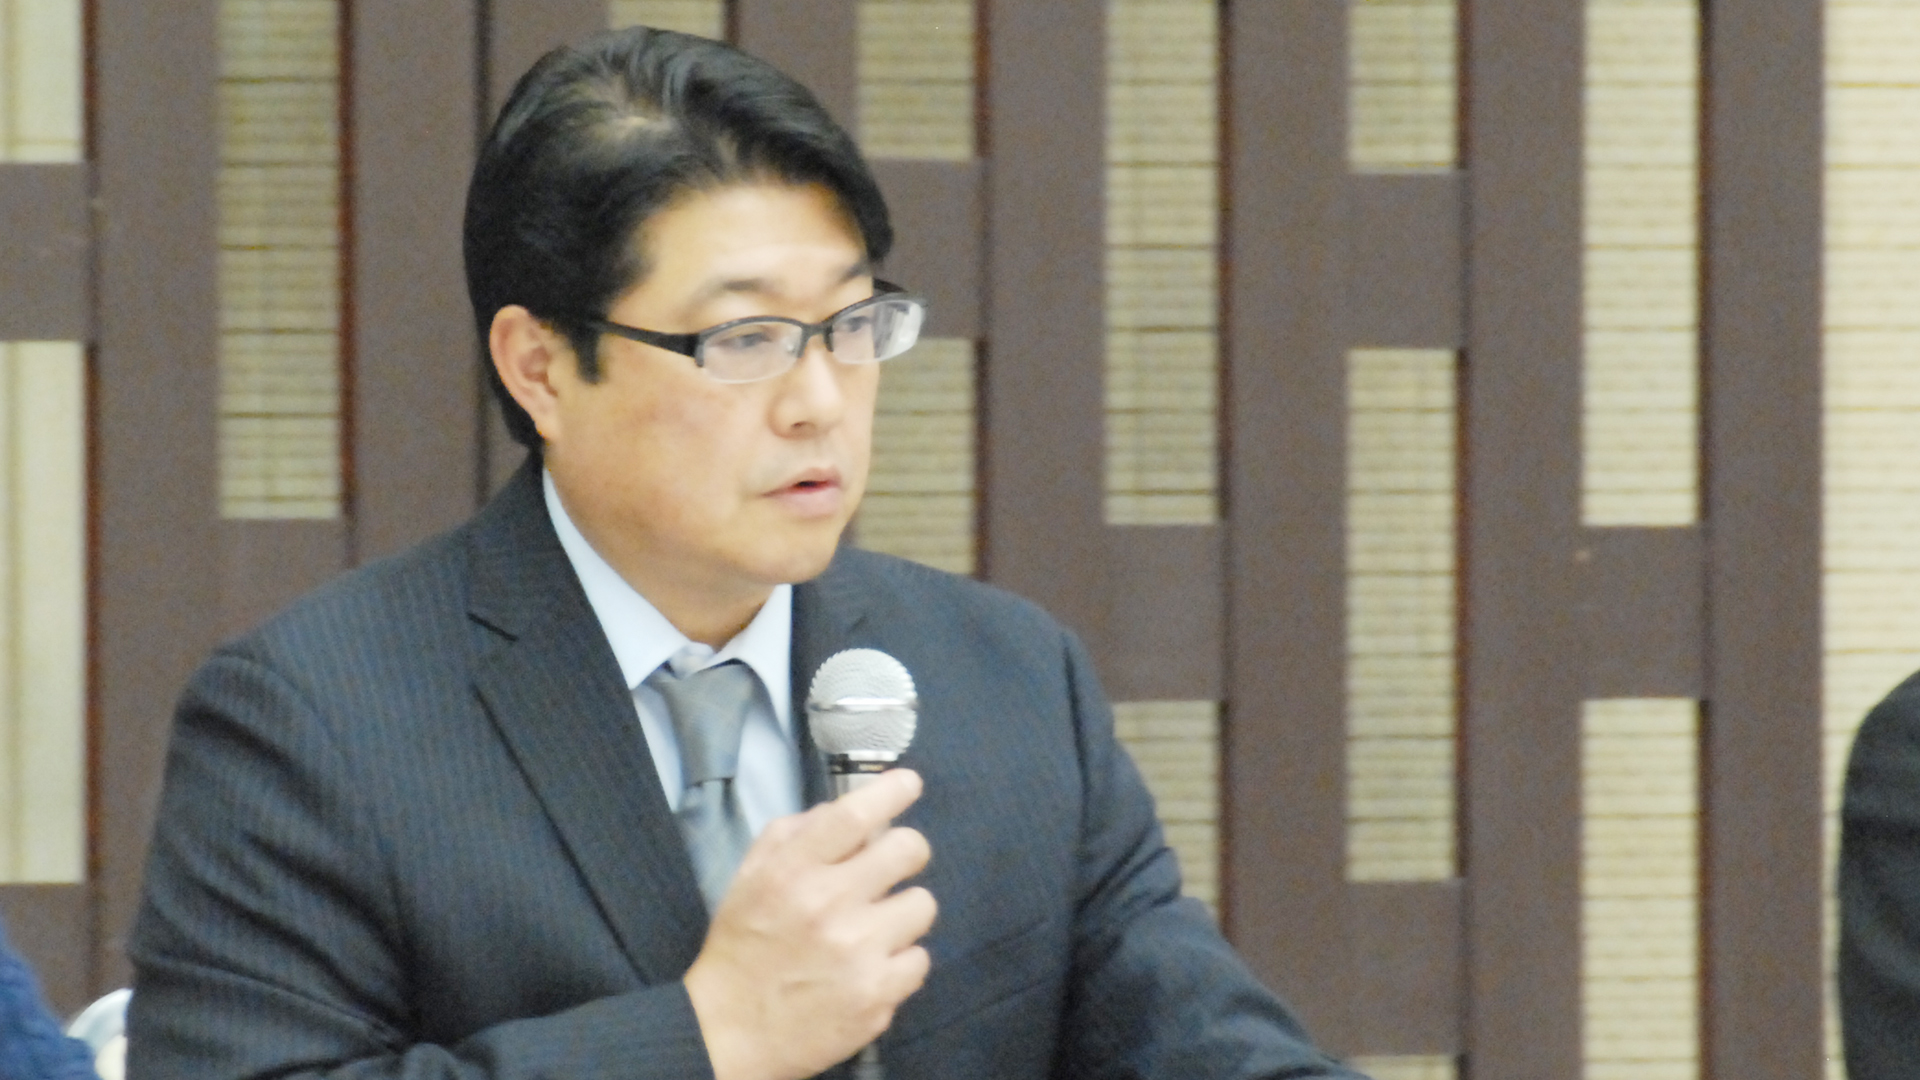 外国人留学生の日本における就職支援の課題と企業の取り組み事例